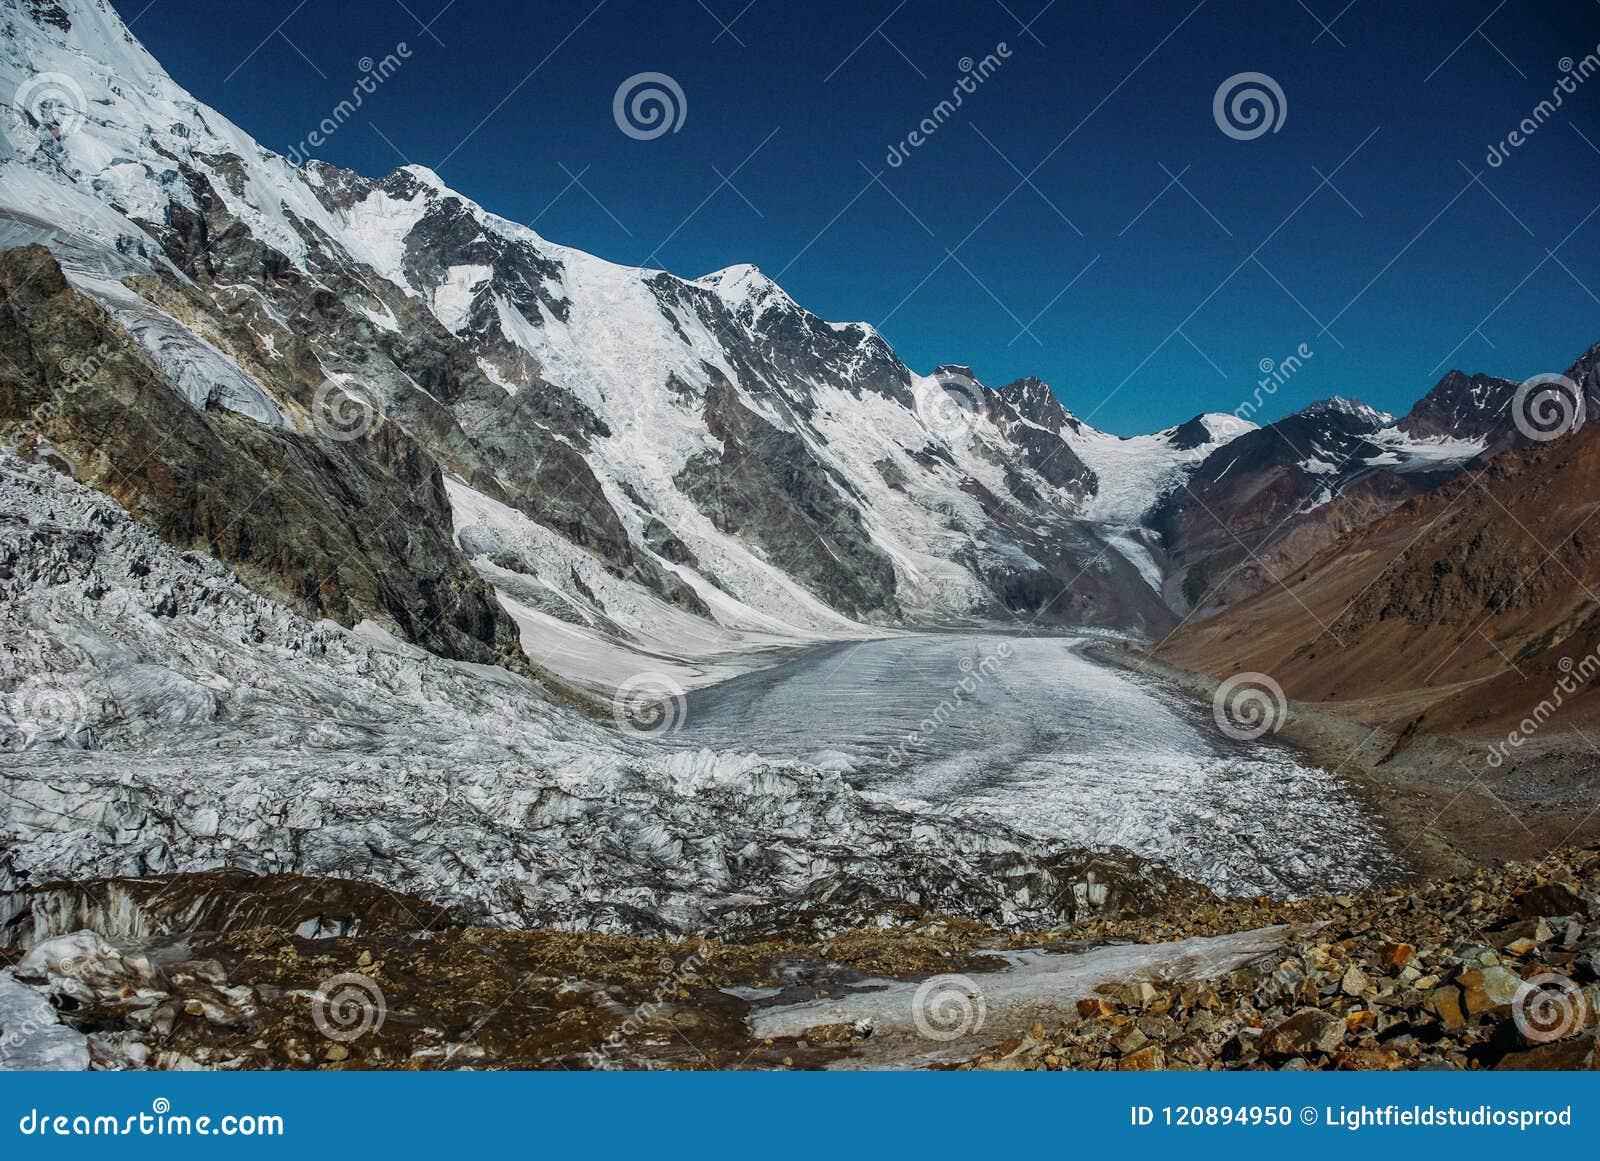 Belles montagnes neigeuses, Fédération de Russie, Caucase,